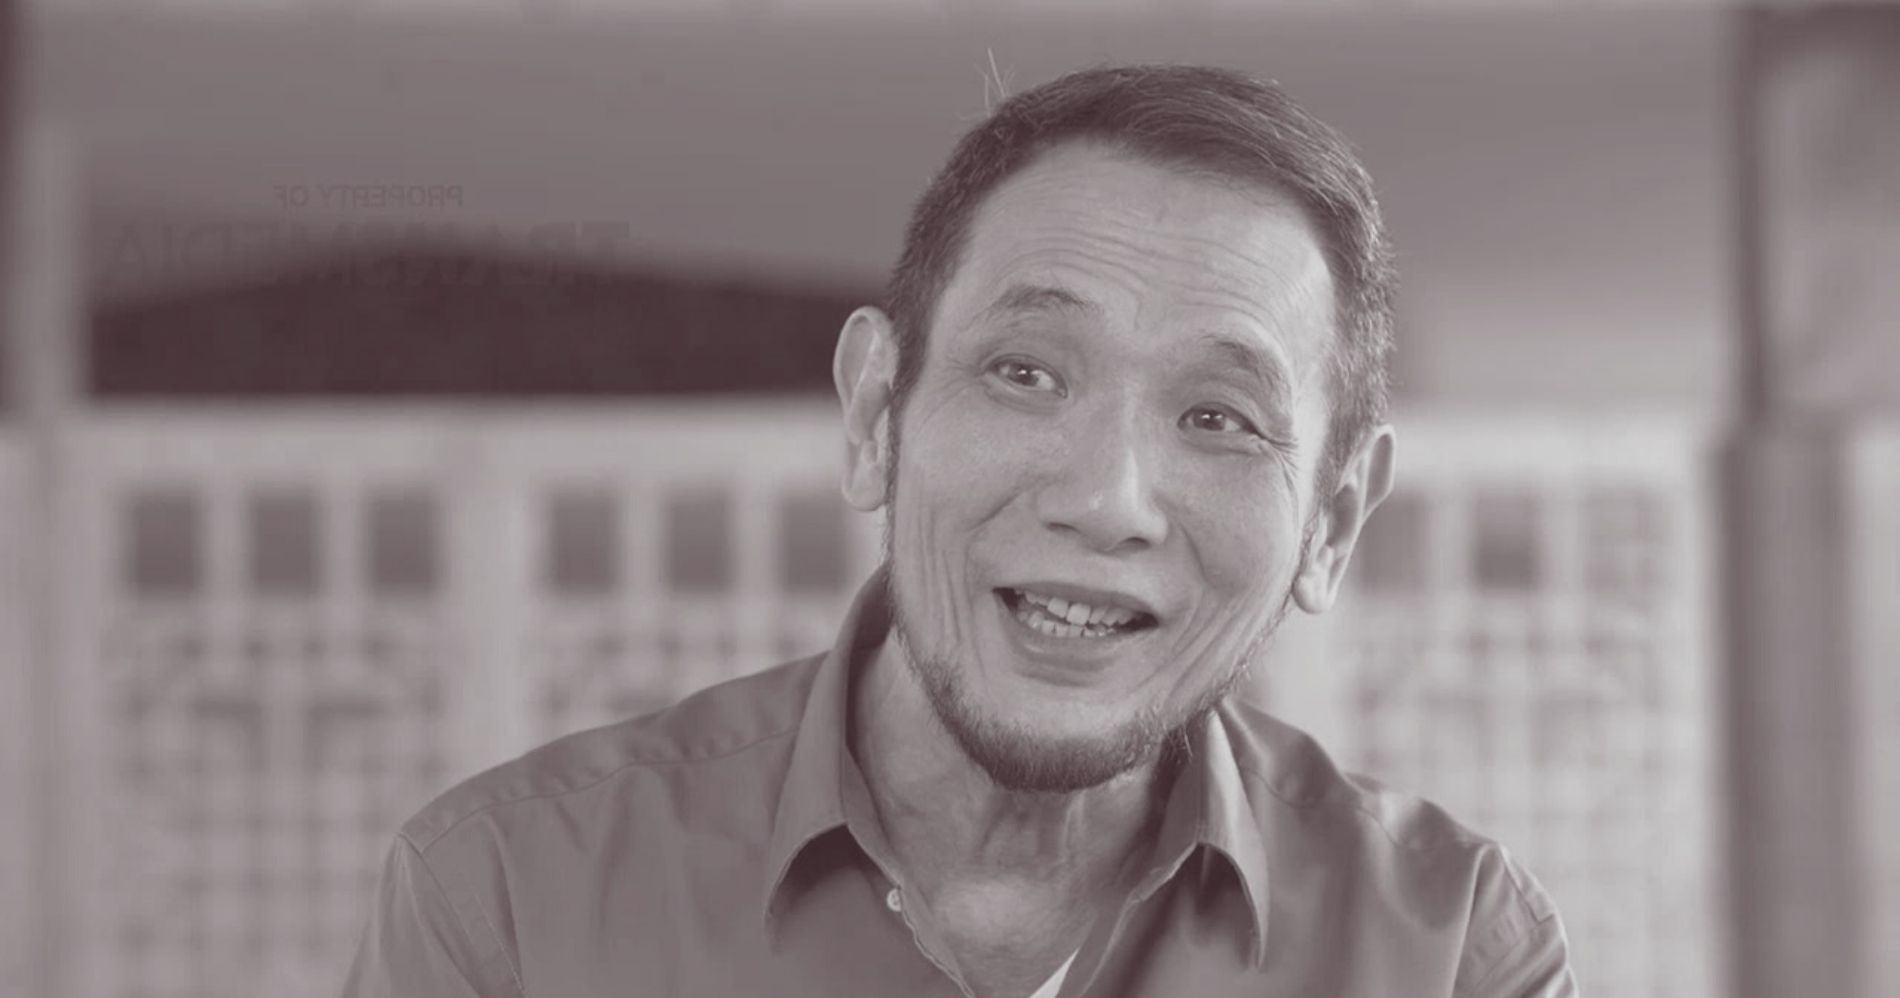 Ada Apa Jusuf Hamka dengan Bank Syariah Illustration Web Bisnis Muda - Image: Cerpen.co.id